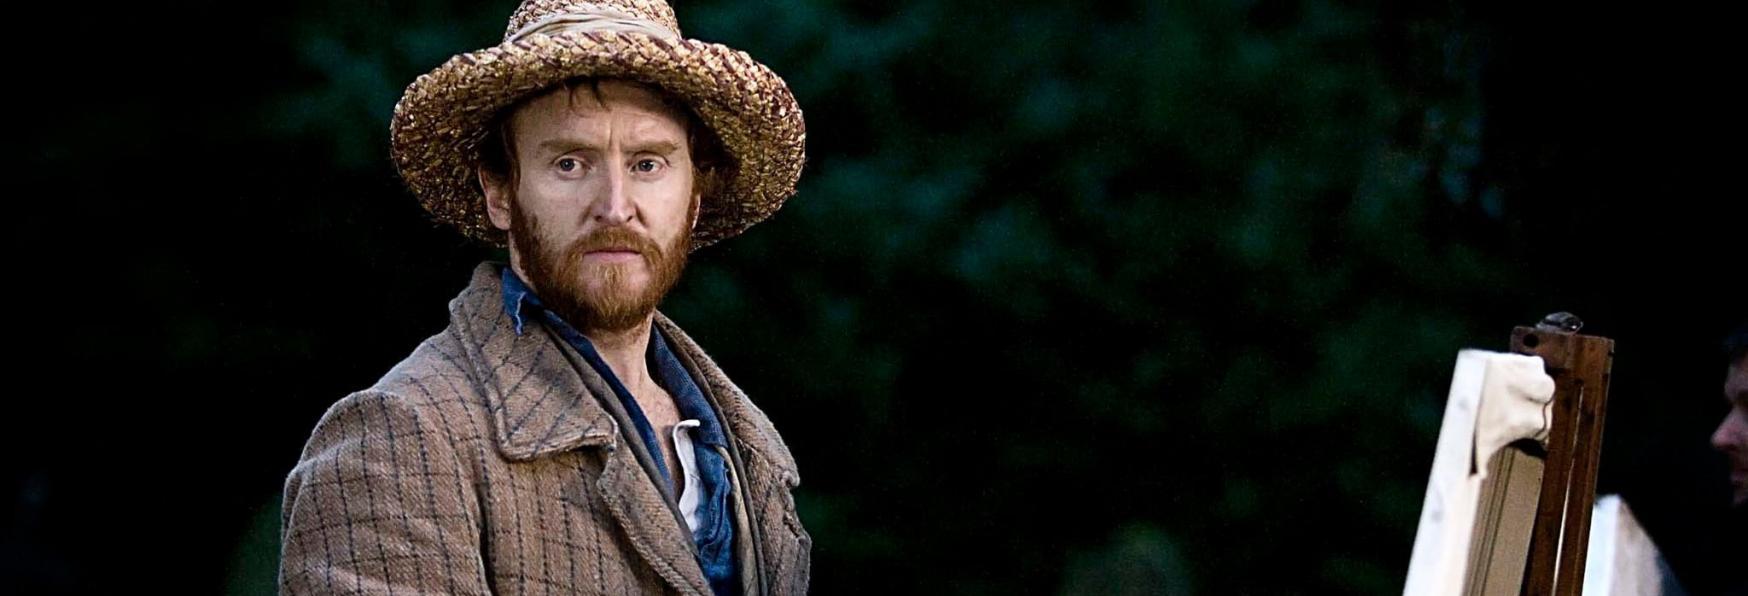 Doctor Who: Richard Curtis parla dell'episodio Vincent e il Dottore